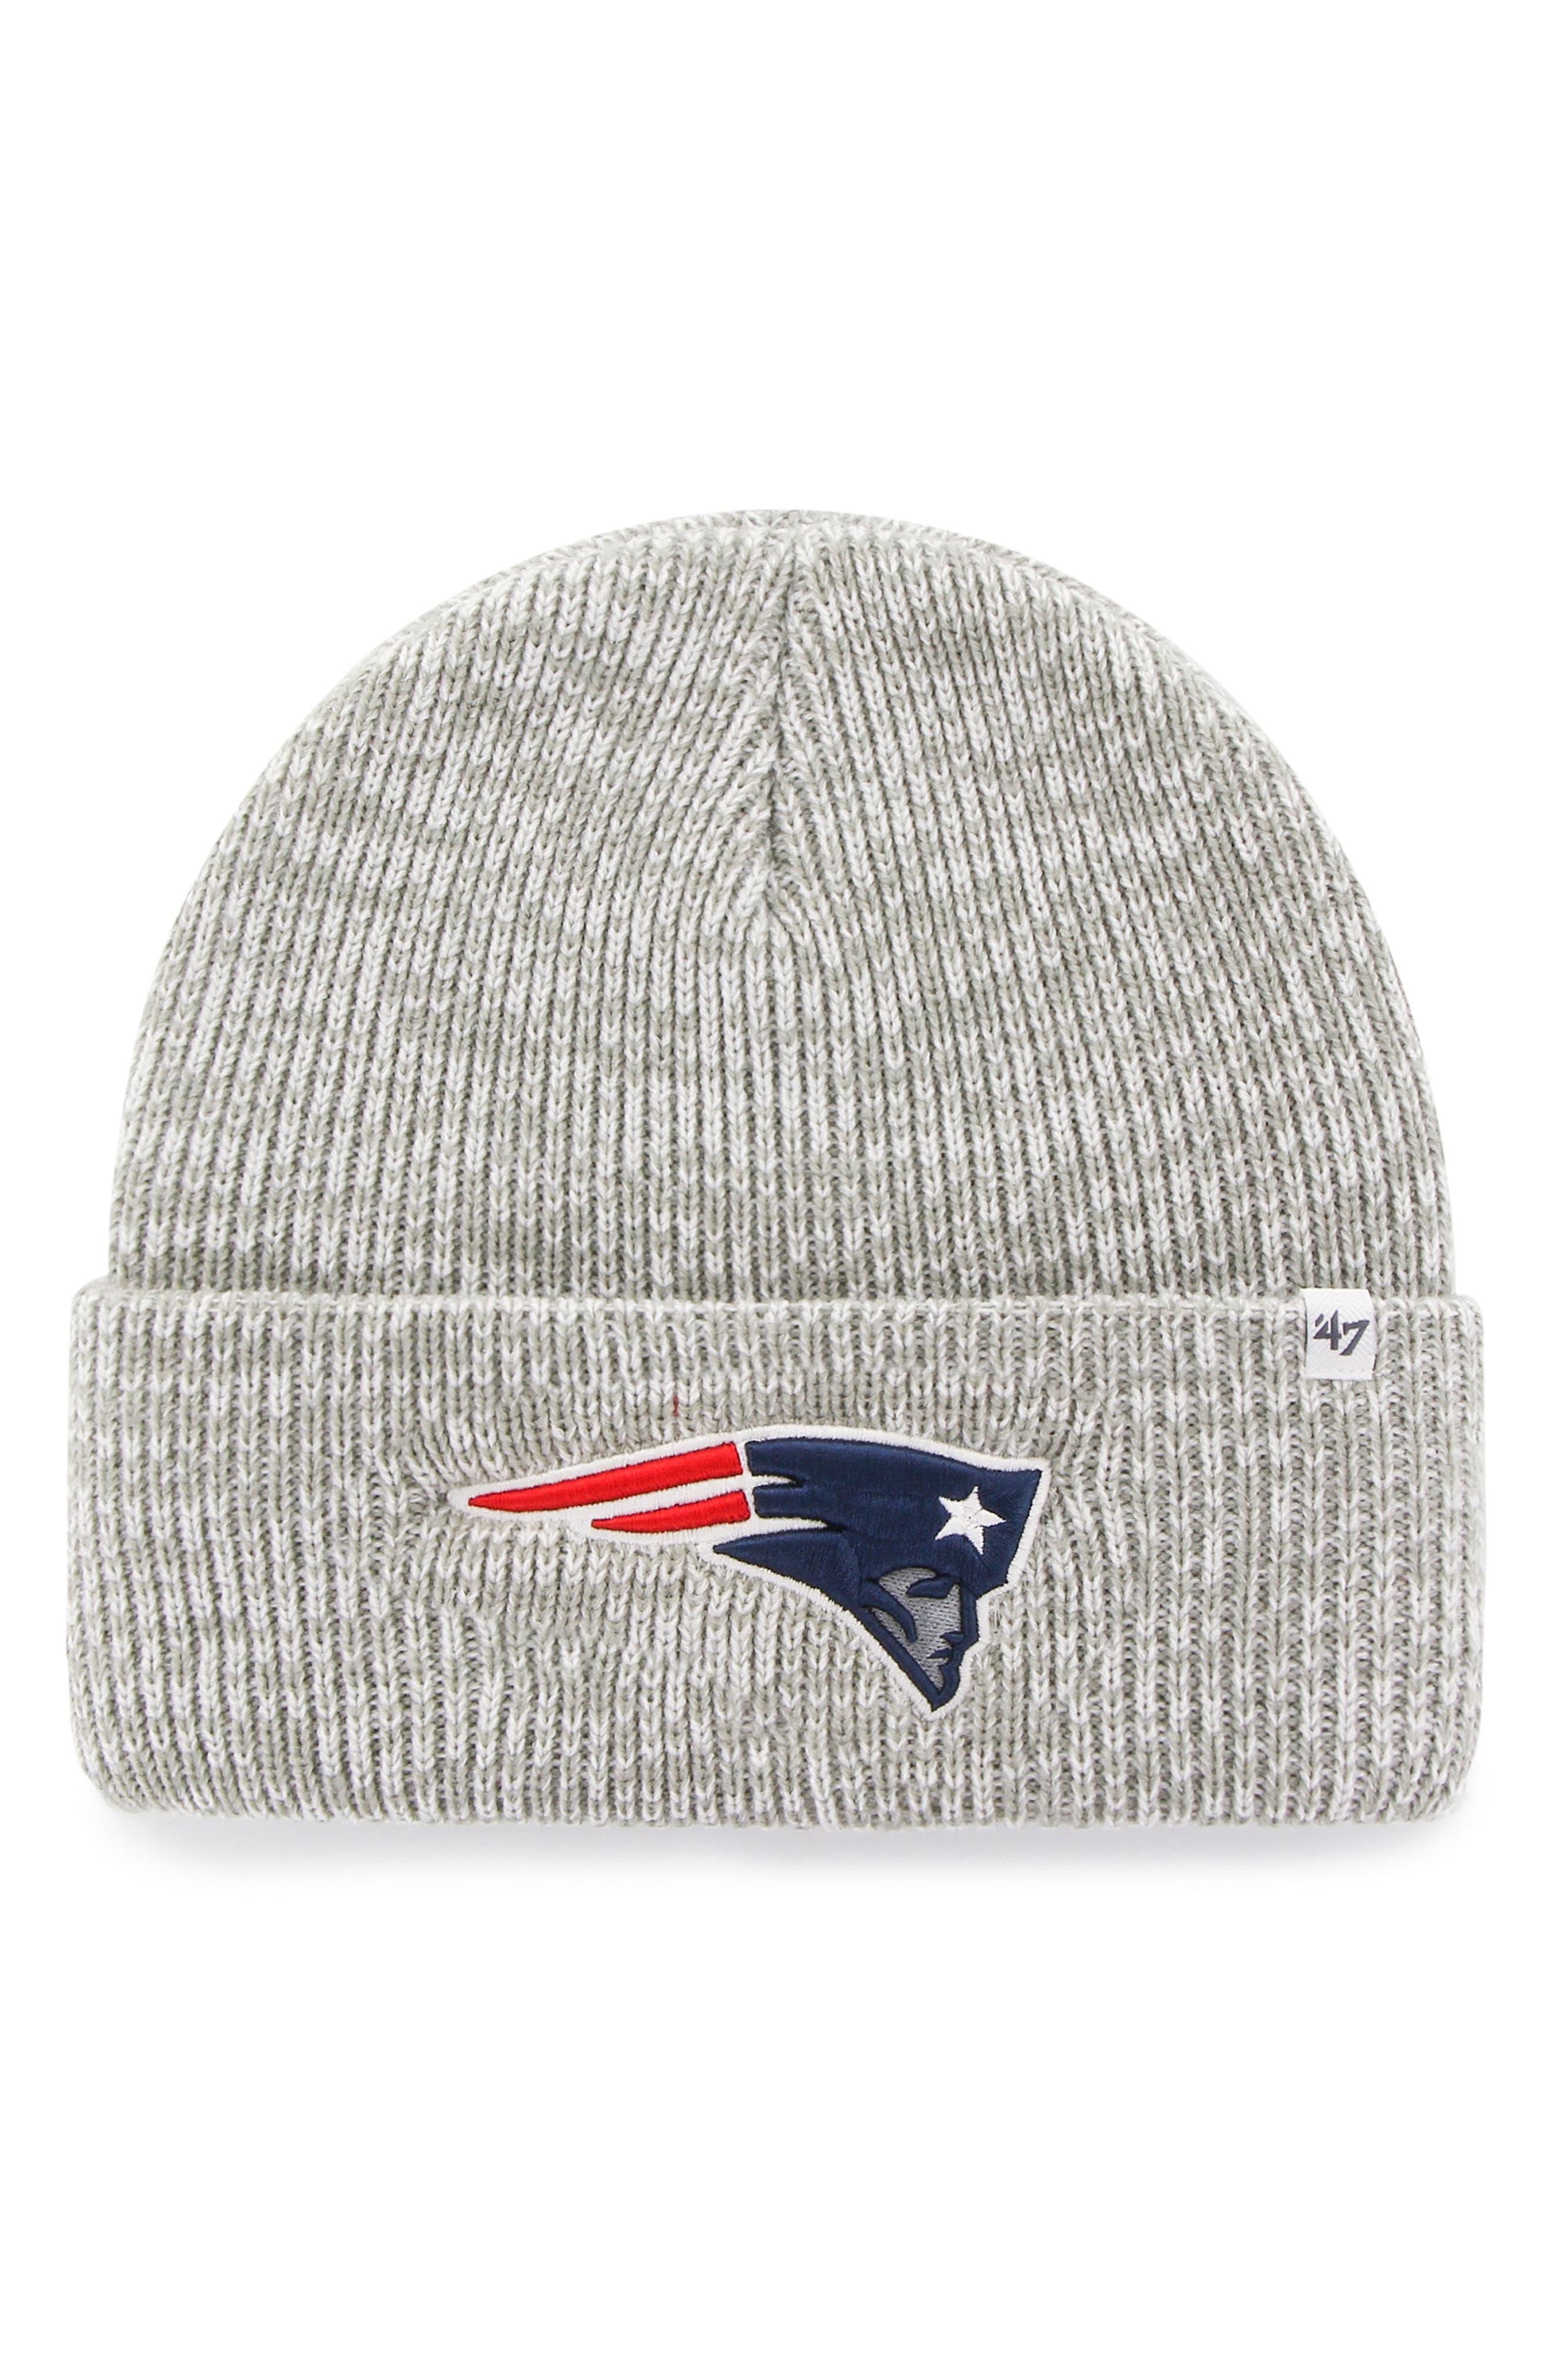 47 47 Brand Brain Freeze NFL Beanie